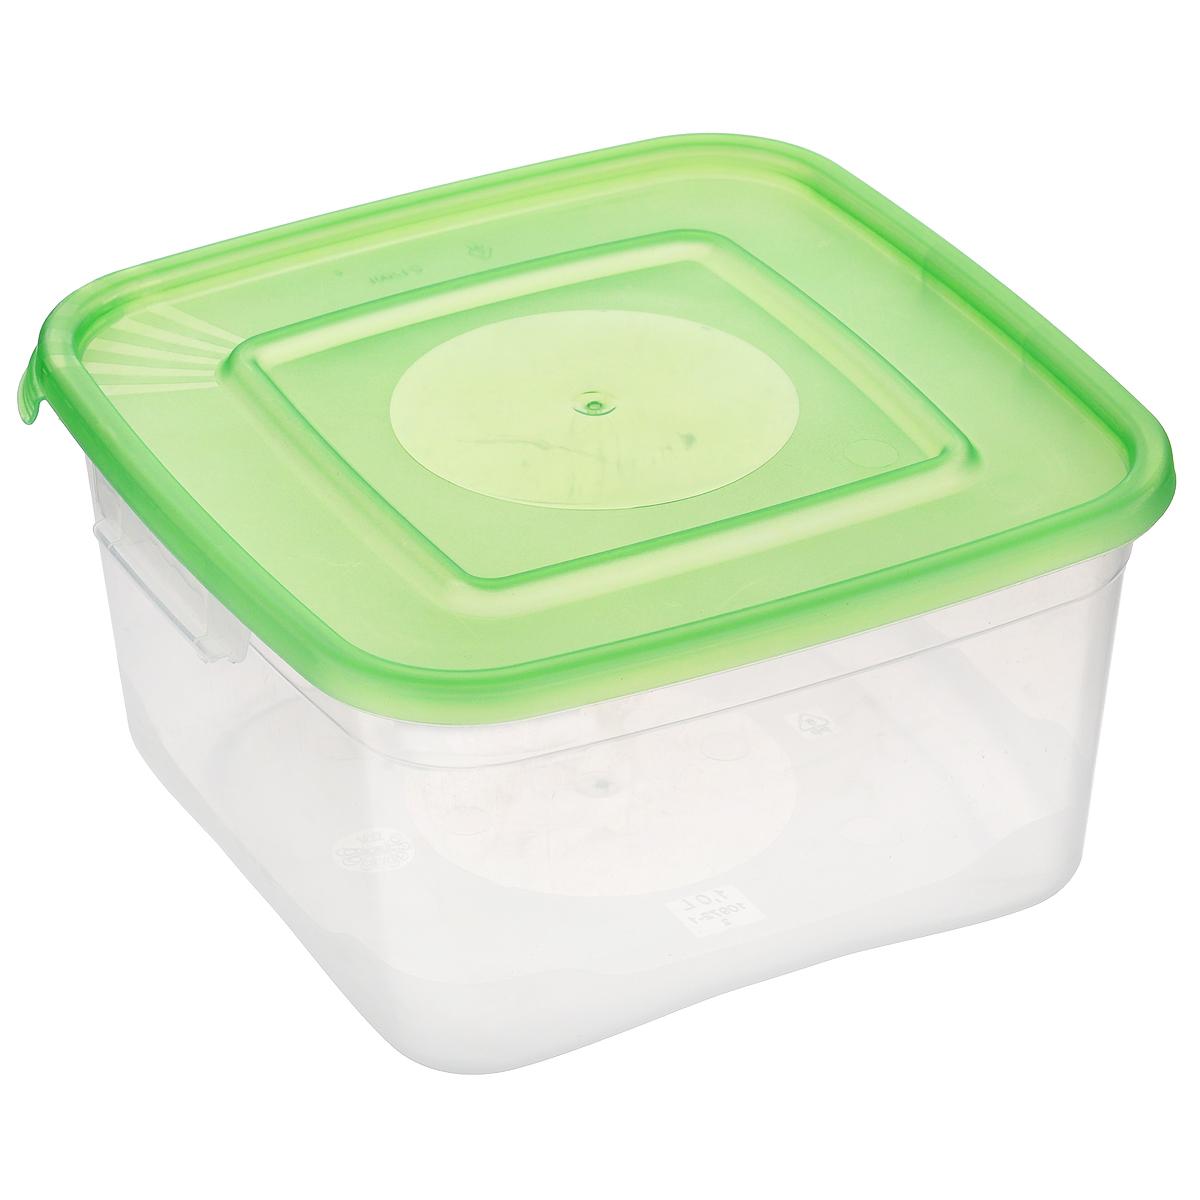 Контейнер Полимербыт Каскад, цвет: прозрачный, салатовый, 1 л21395599Контейнер Полимербыт Каскад квадратной формы, изготовленный из прочного пластика, предназначен специально для хранения пищевых продуктов. Крышка легко открывается и плотно закрывается.Контейнер устойчив к воздействию масел и жиров, легко моется. Прозрачные стенки позволяют видеть содержимое. Контейнер имеет возможность хранения продуктов глубокой заморозки, обладает высокой прочностью. Можно мыть в посудомоечной машине. Подходит для использования в микроволновых печах.